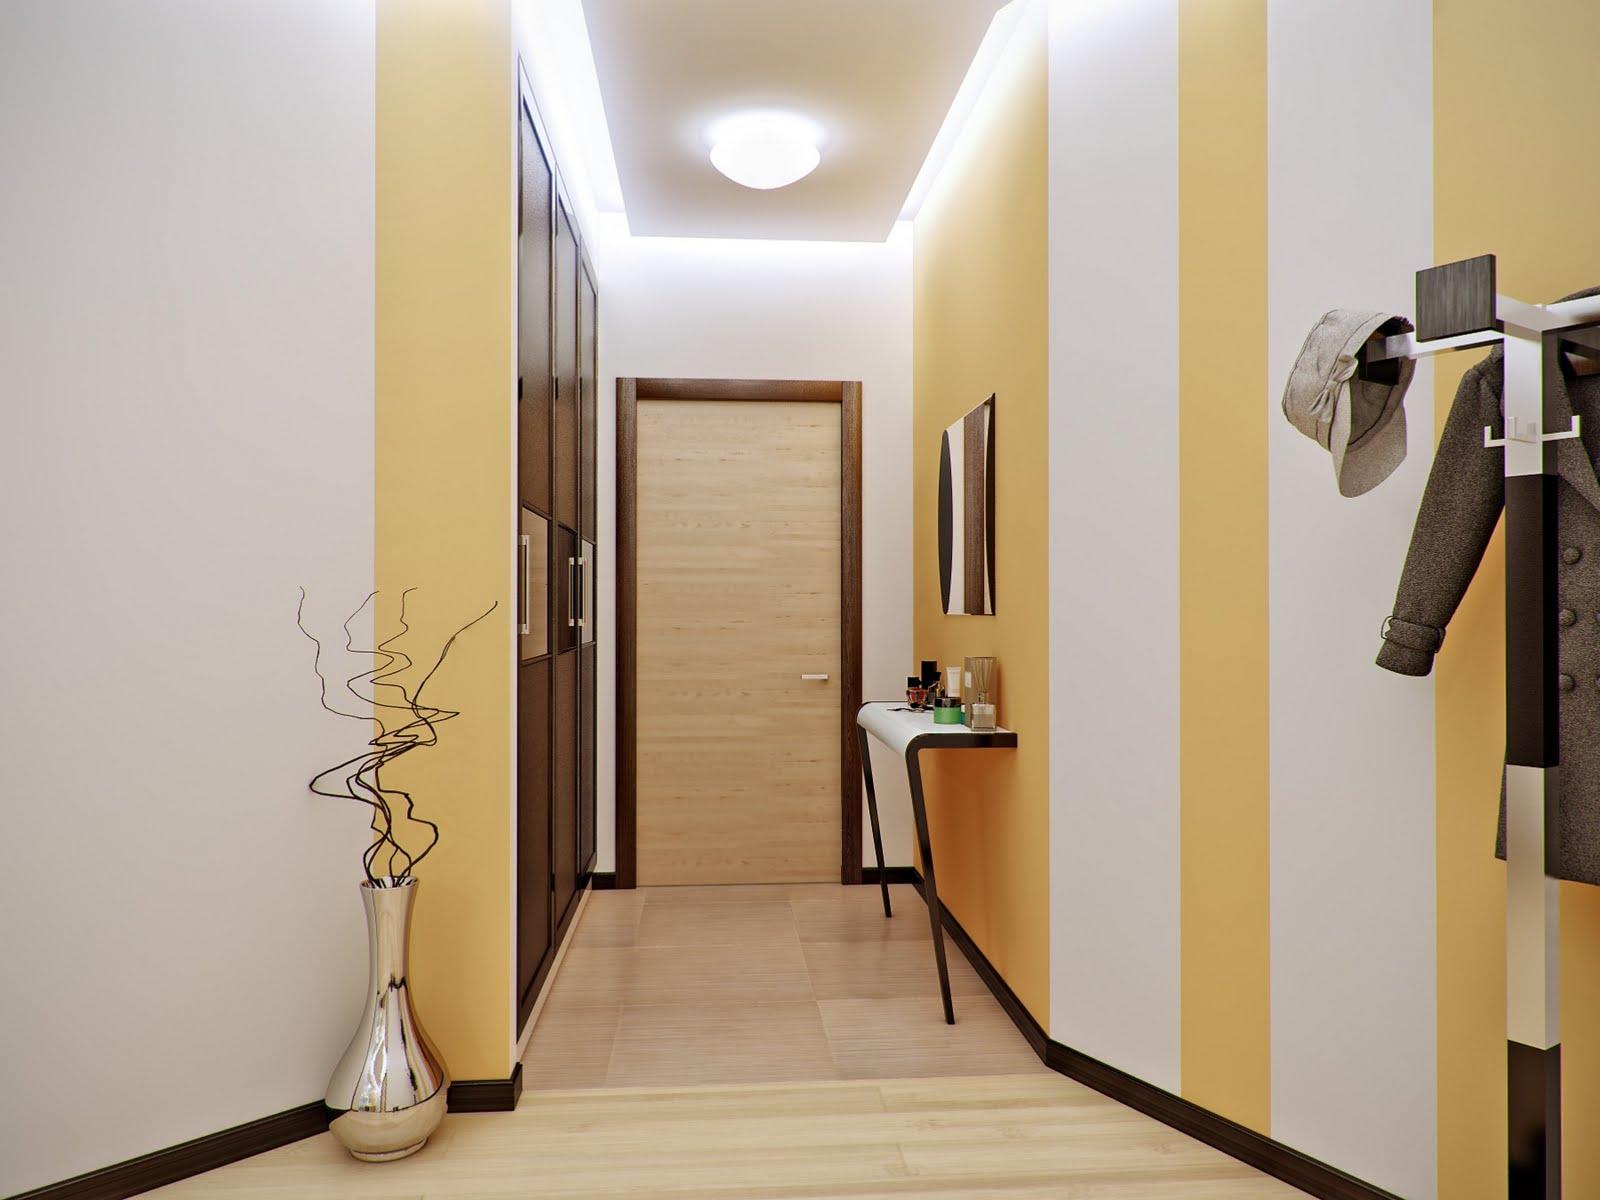 Большая лампа и подсветка по периметру потолка в бело-желтой прихожей